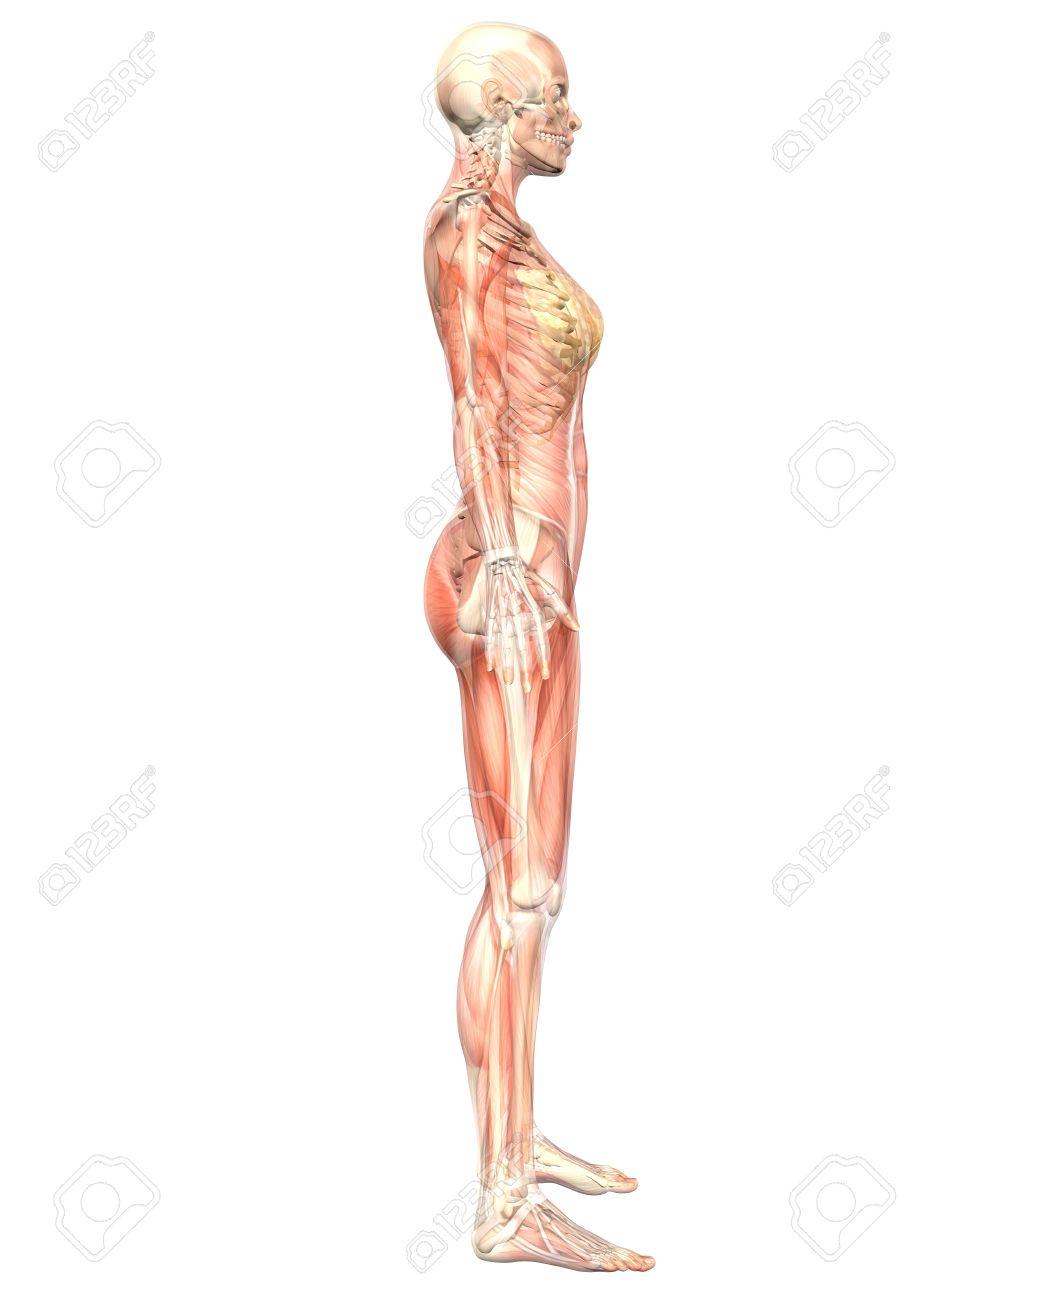 女性の筋肉の解剖学骨格の解剖学を示す半透明の側面図のイラスト非常